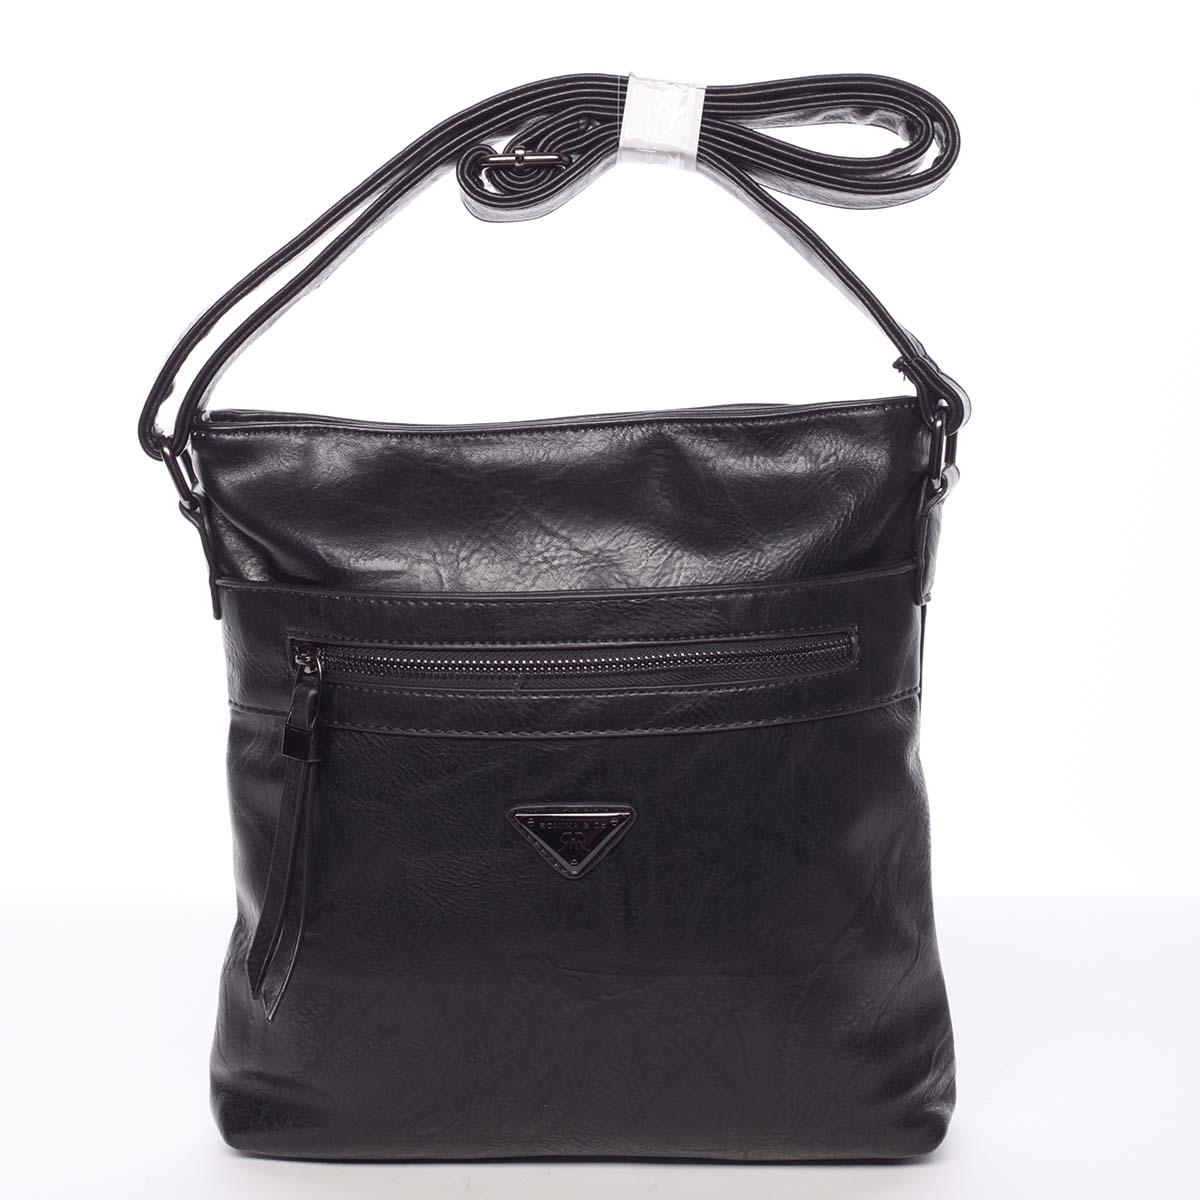 Trendy mäkká crossbody kabelka čierna - Delami Devyn